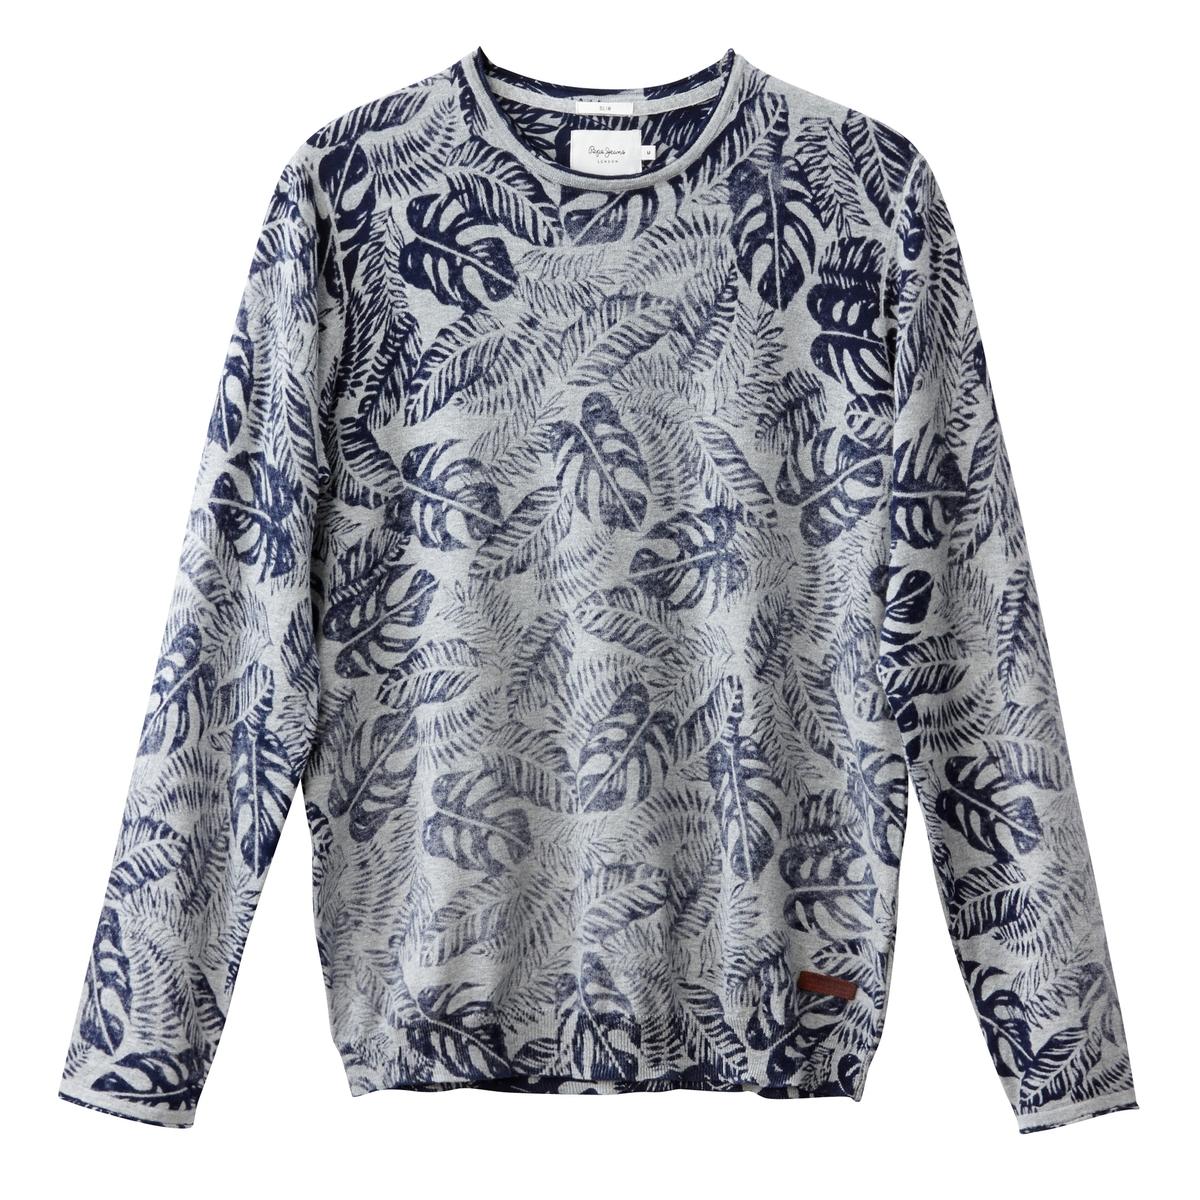 Пуловер с круглым вырезом, из тонкого трикотажаОписание:Детали •  Длинные рукава •  Круглый вырез •  Тонкий трикотаж •  Рисунок-принтСостав и уход •  100% хлопок •  Следуйте советам по уходу, указанным на этикетке<br><br>Цвет: серый